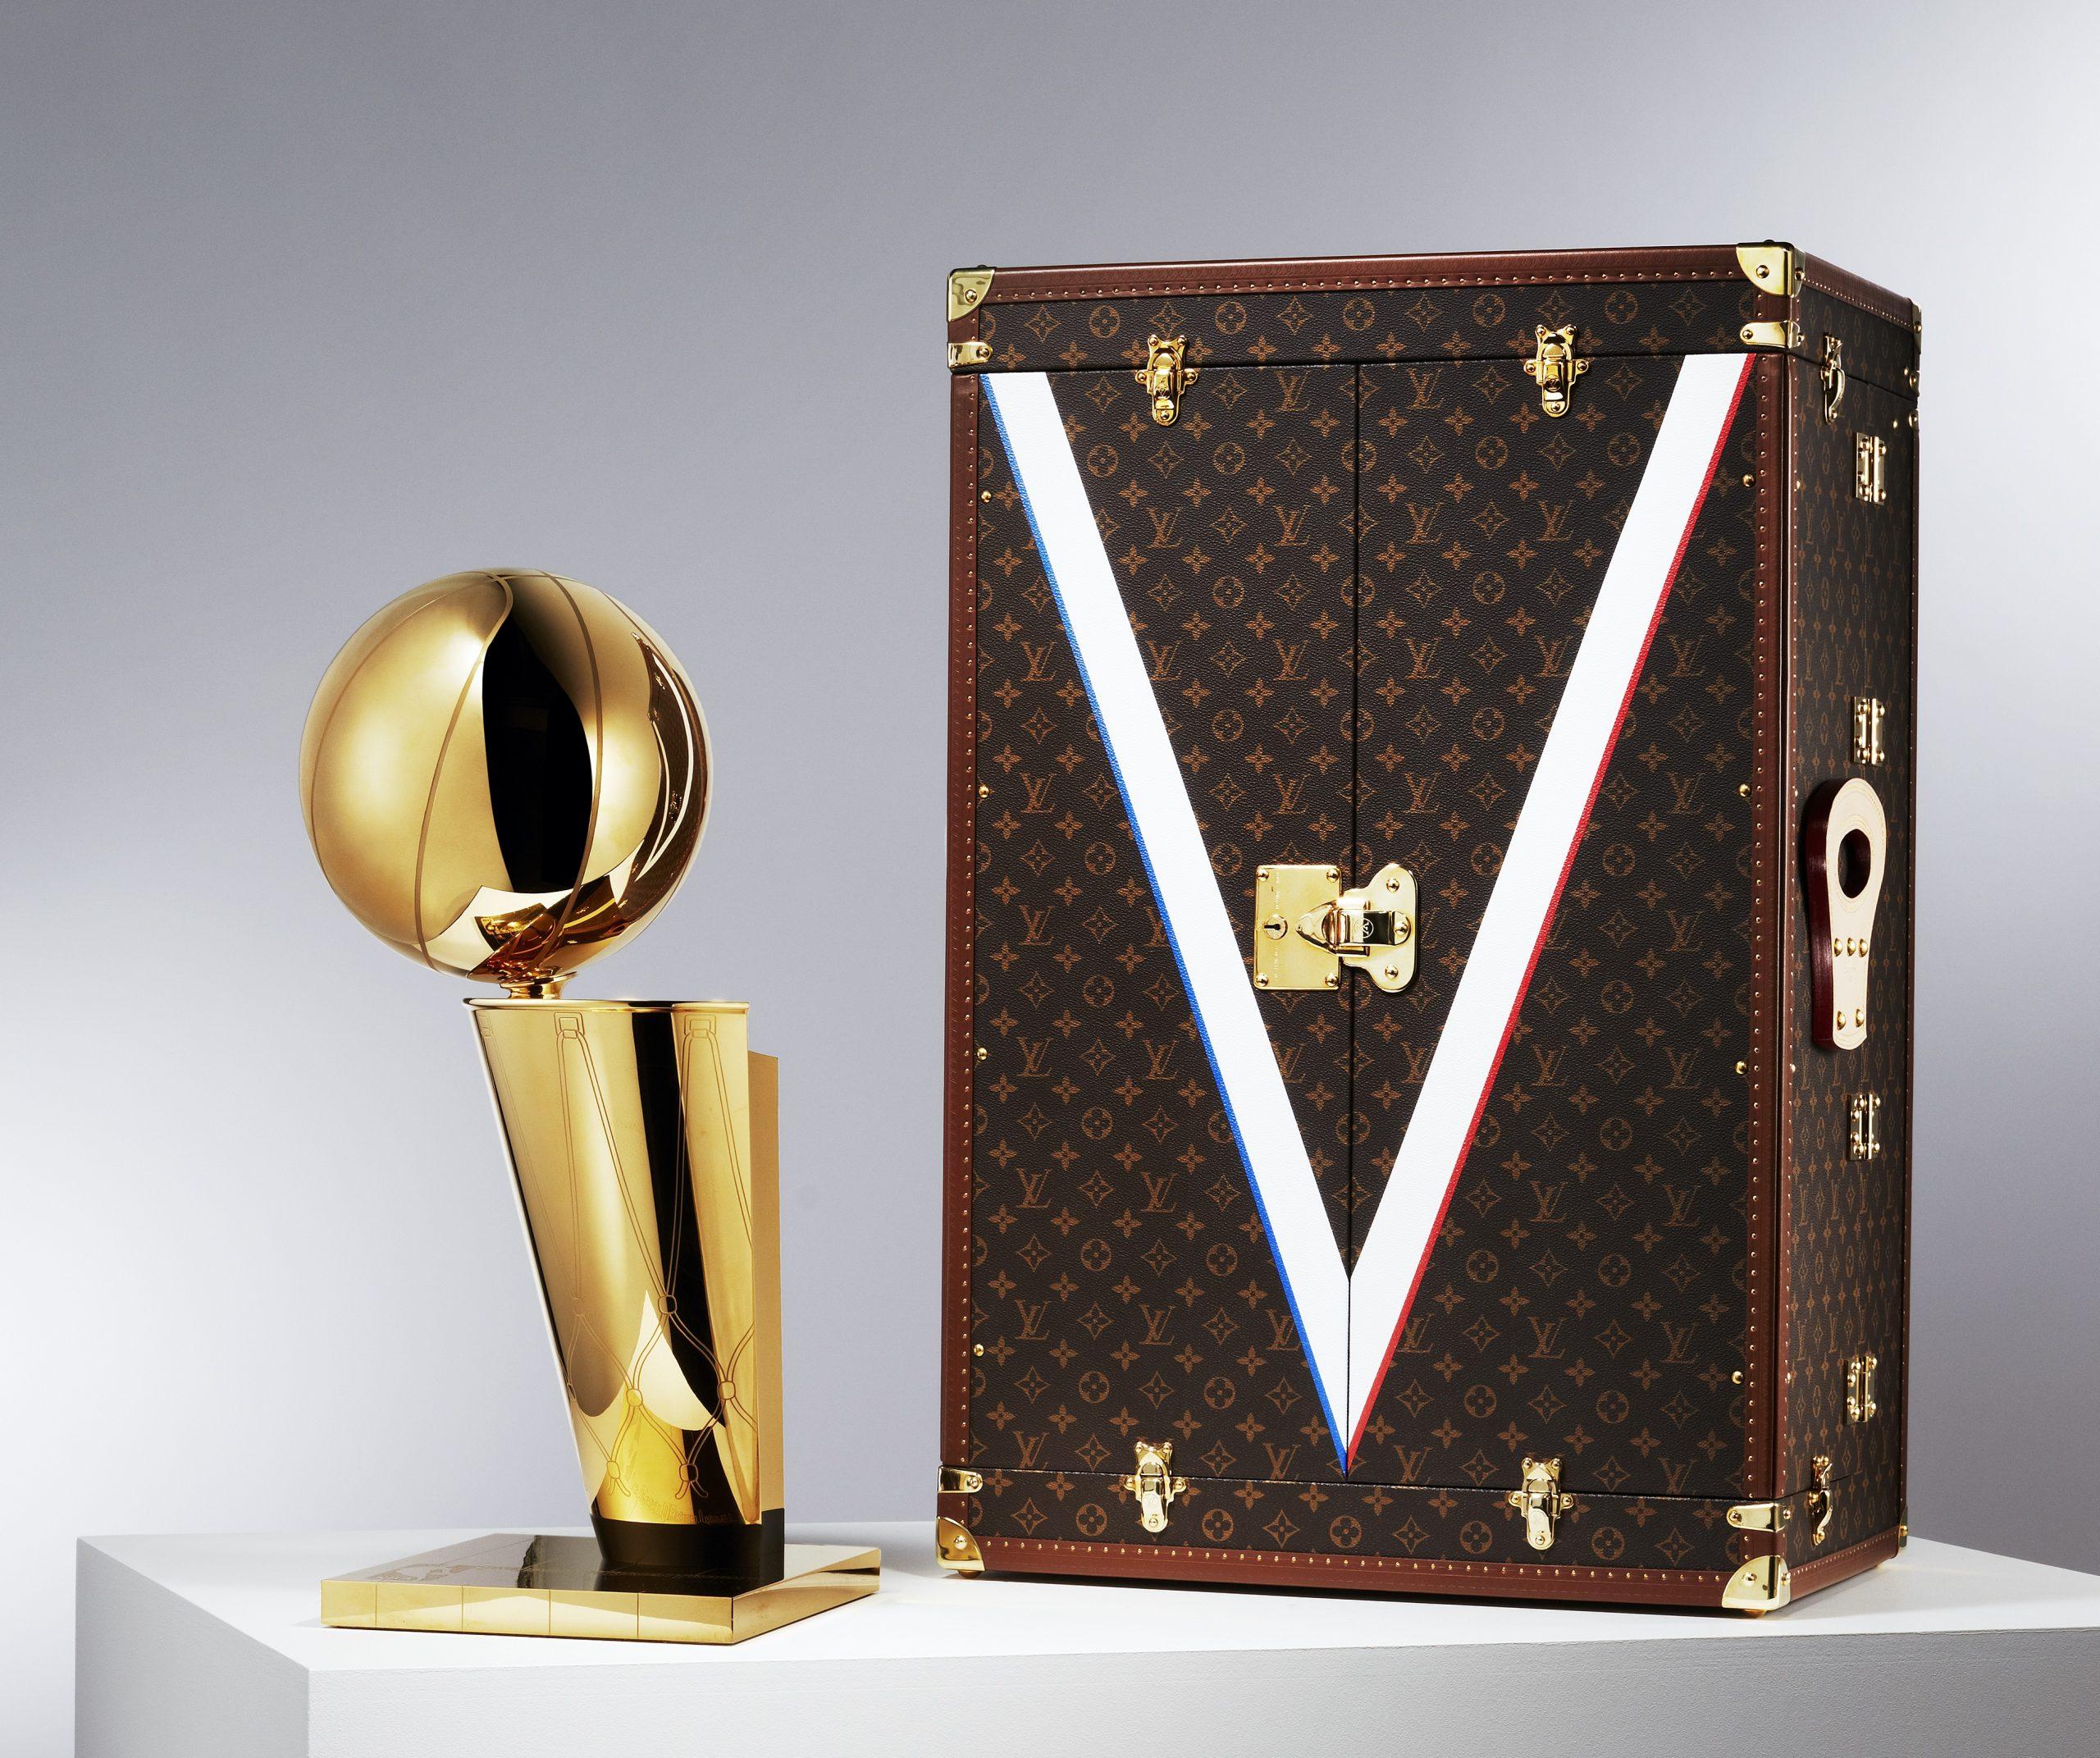 LOUIS VUITTON AND NBA